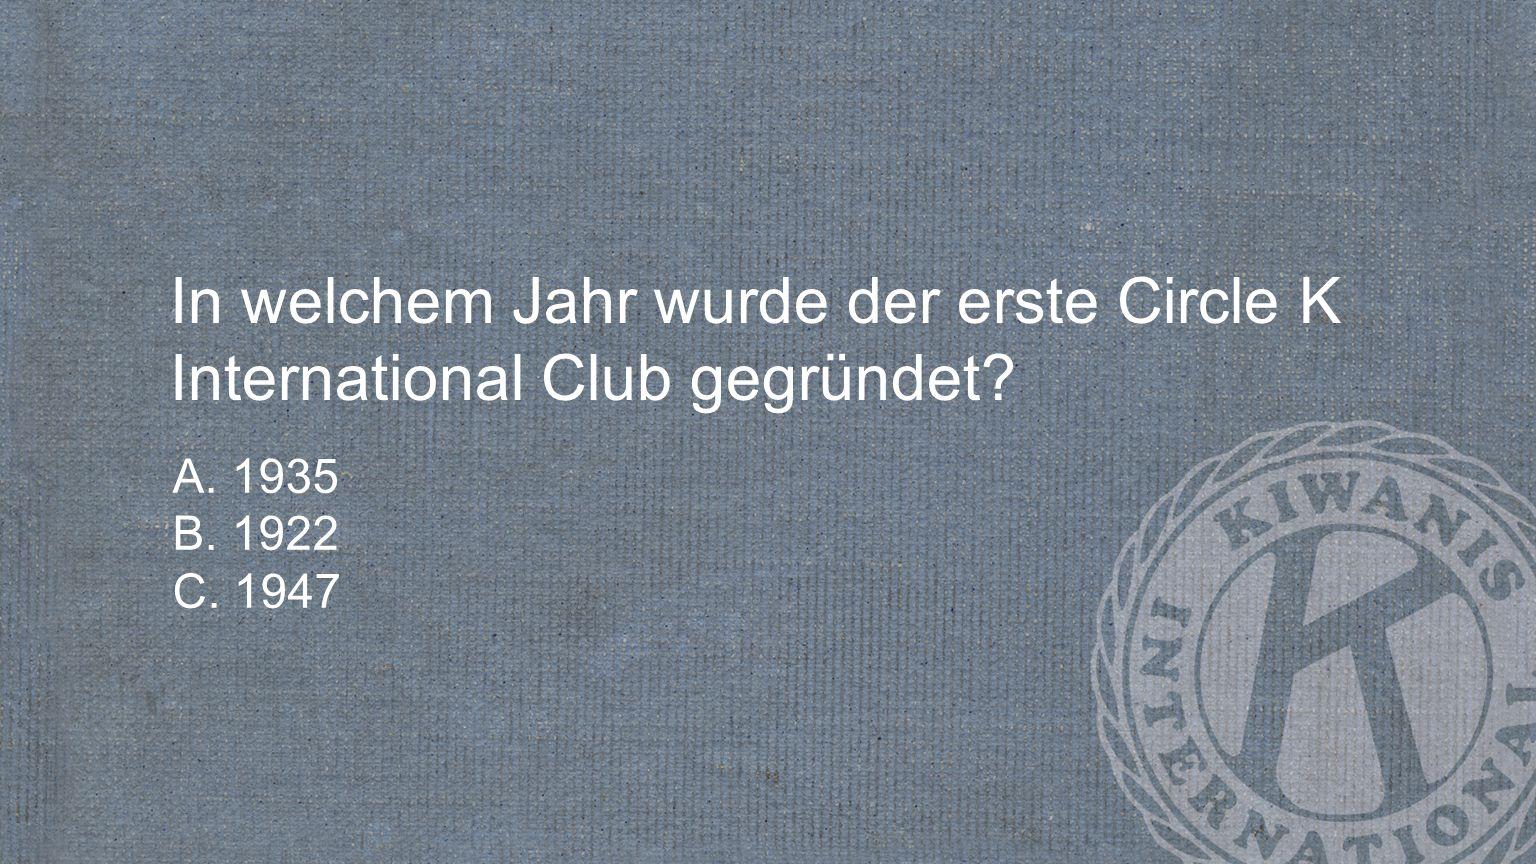 In welchem Jahr wurde der erste Circle K International Club gegründet? A. 1935 B. 1922 C. 1947